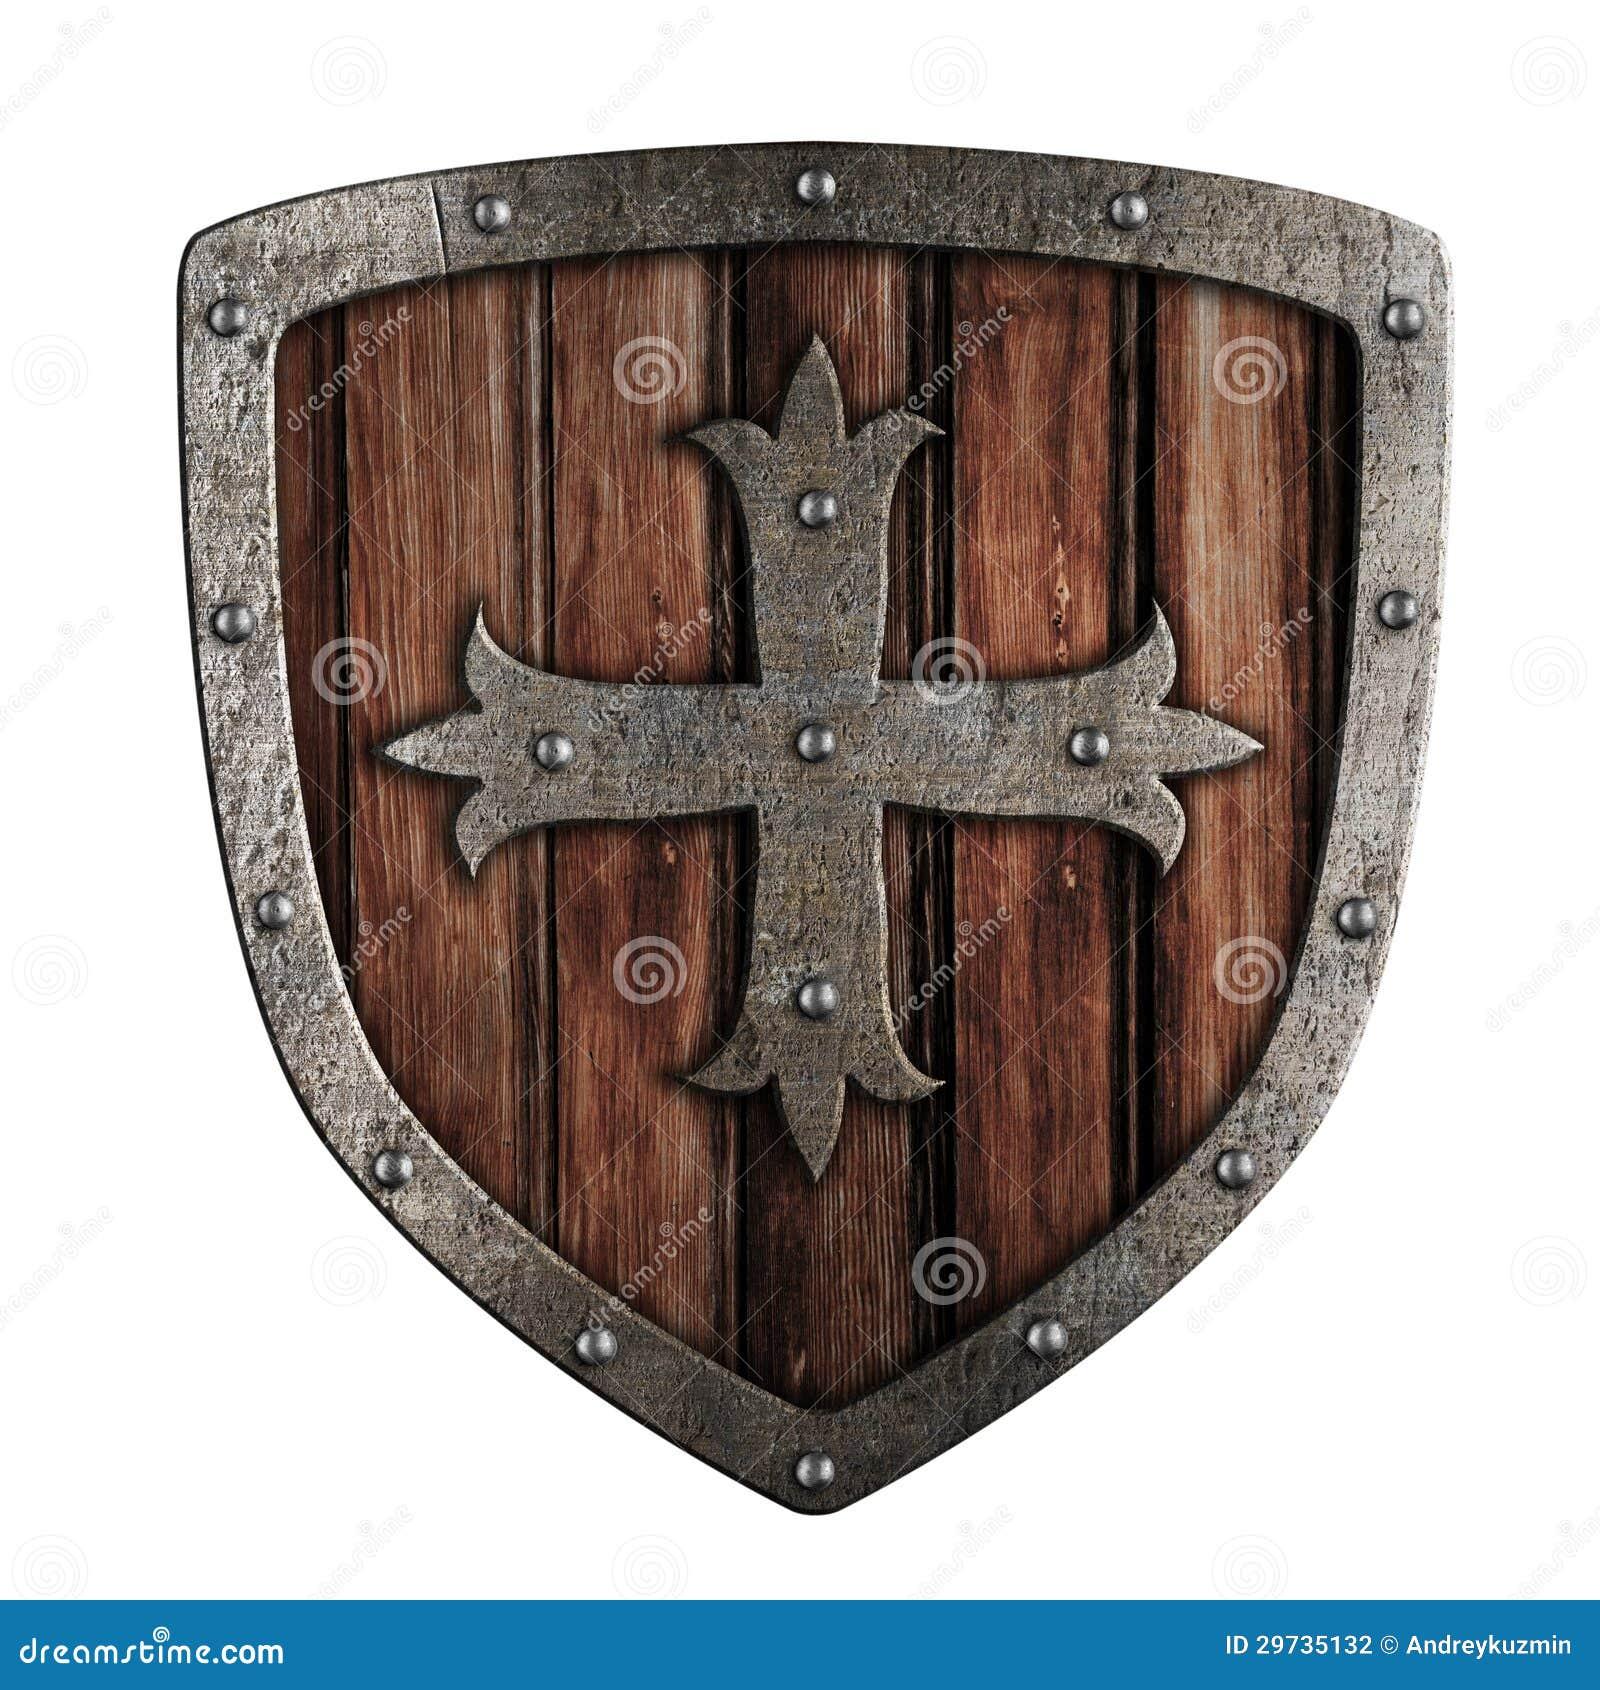 Ilustração de madeira do protetor do cruzado idoso isolada